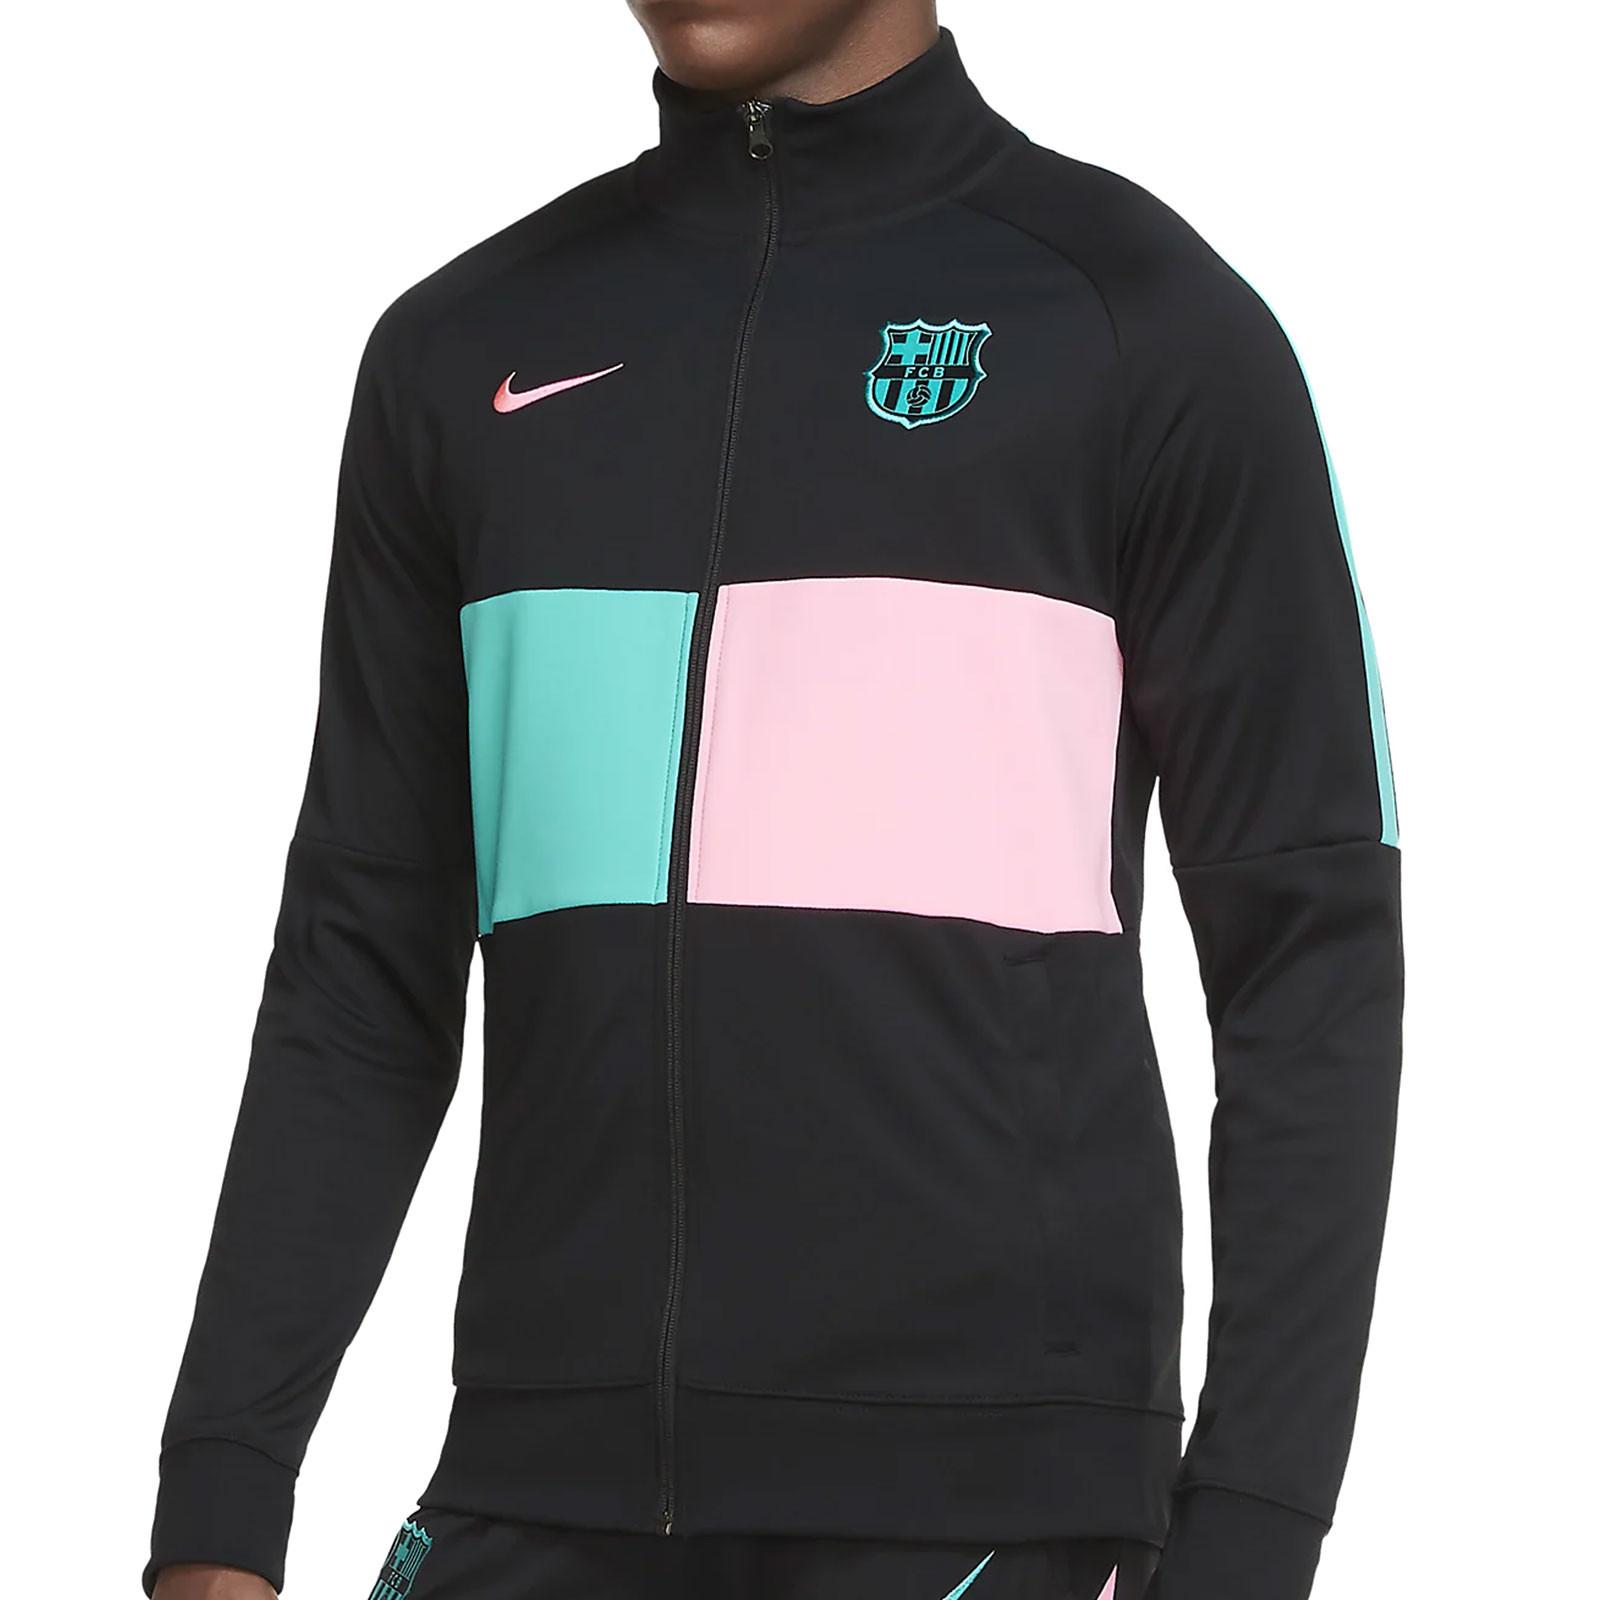 Sensible Me sorprendió El extraño  Chaqueta Nike Barcelona himno UCL I96 2020 2021   futbolmania